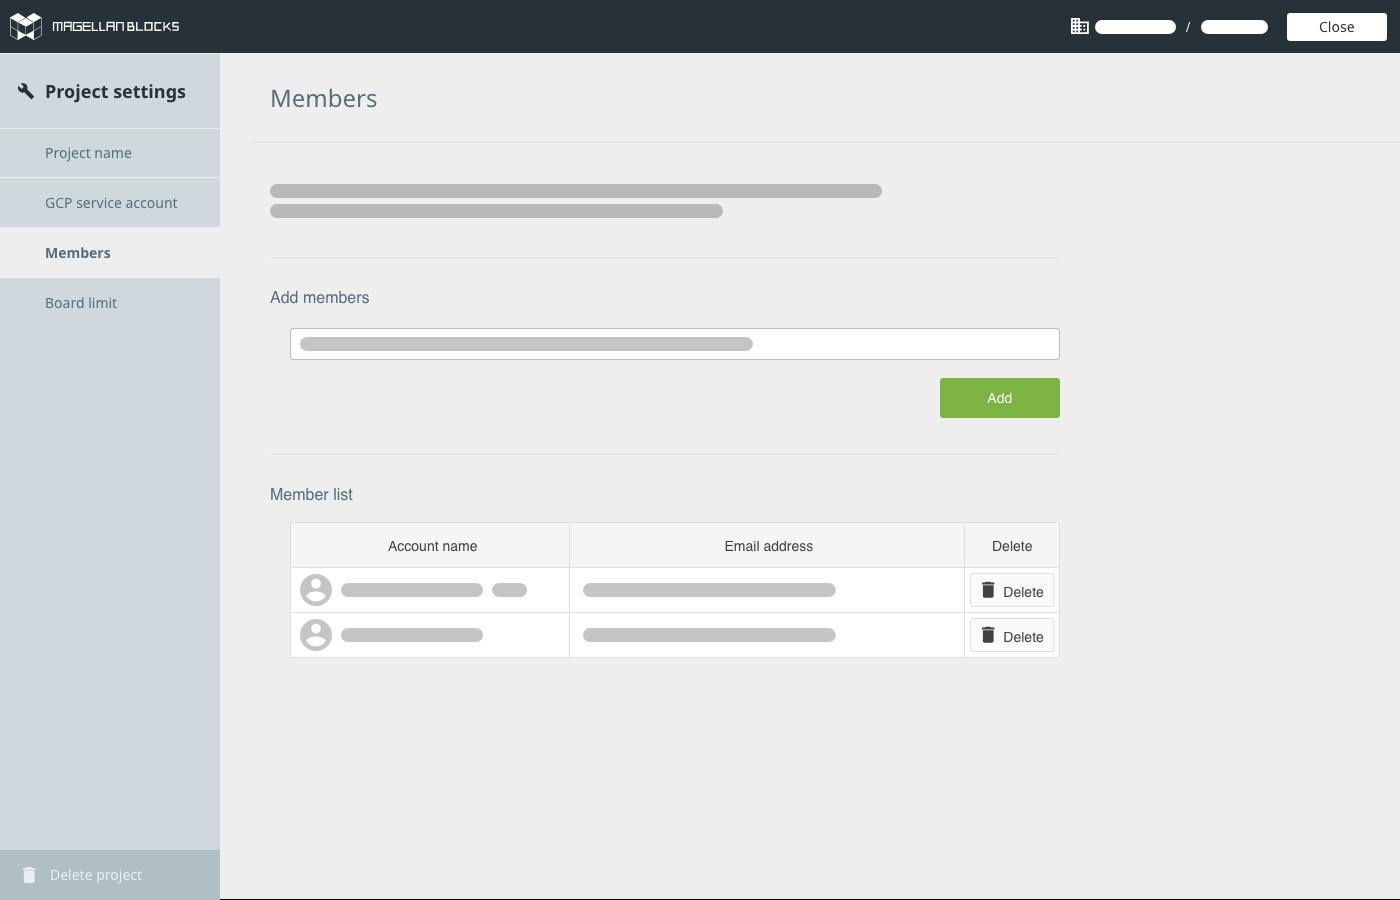 Project settings (Members)